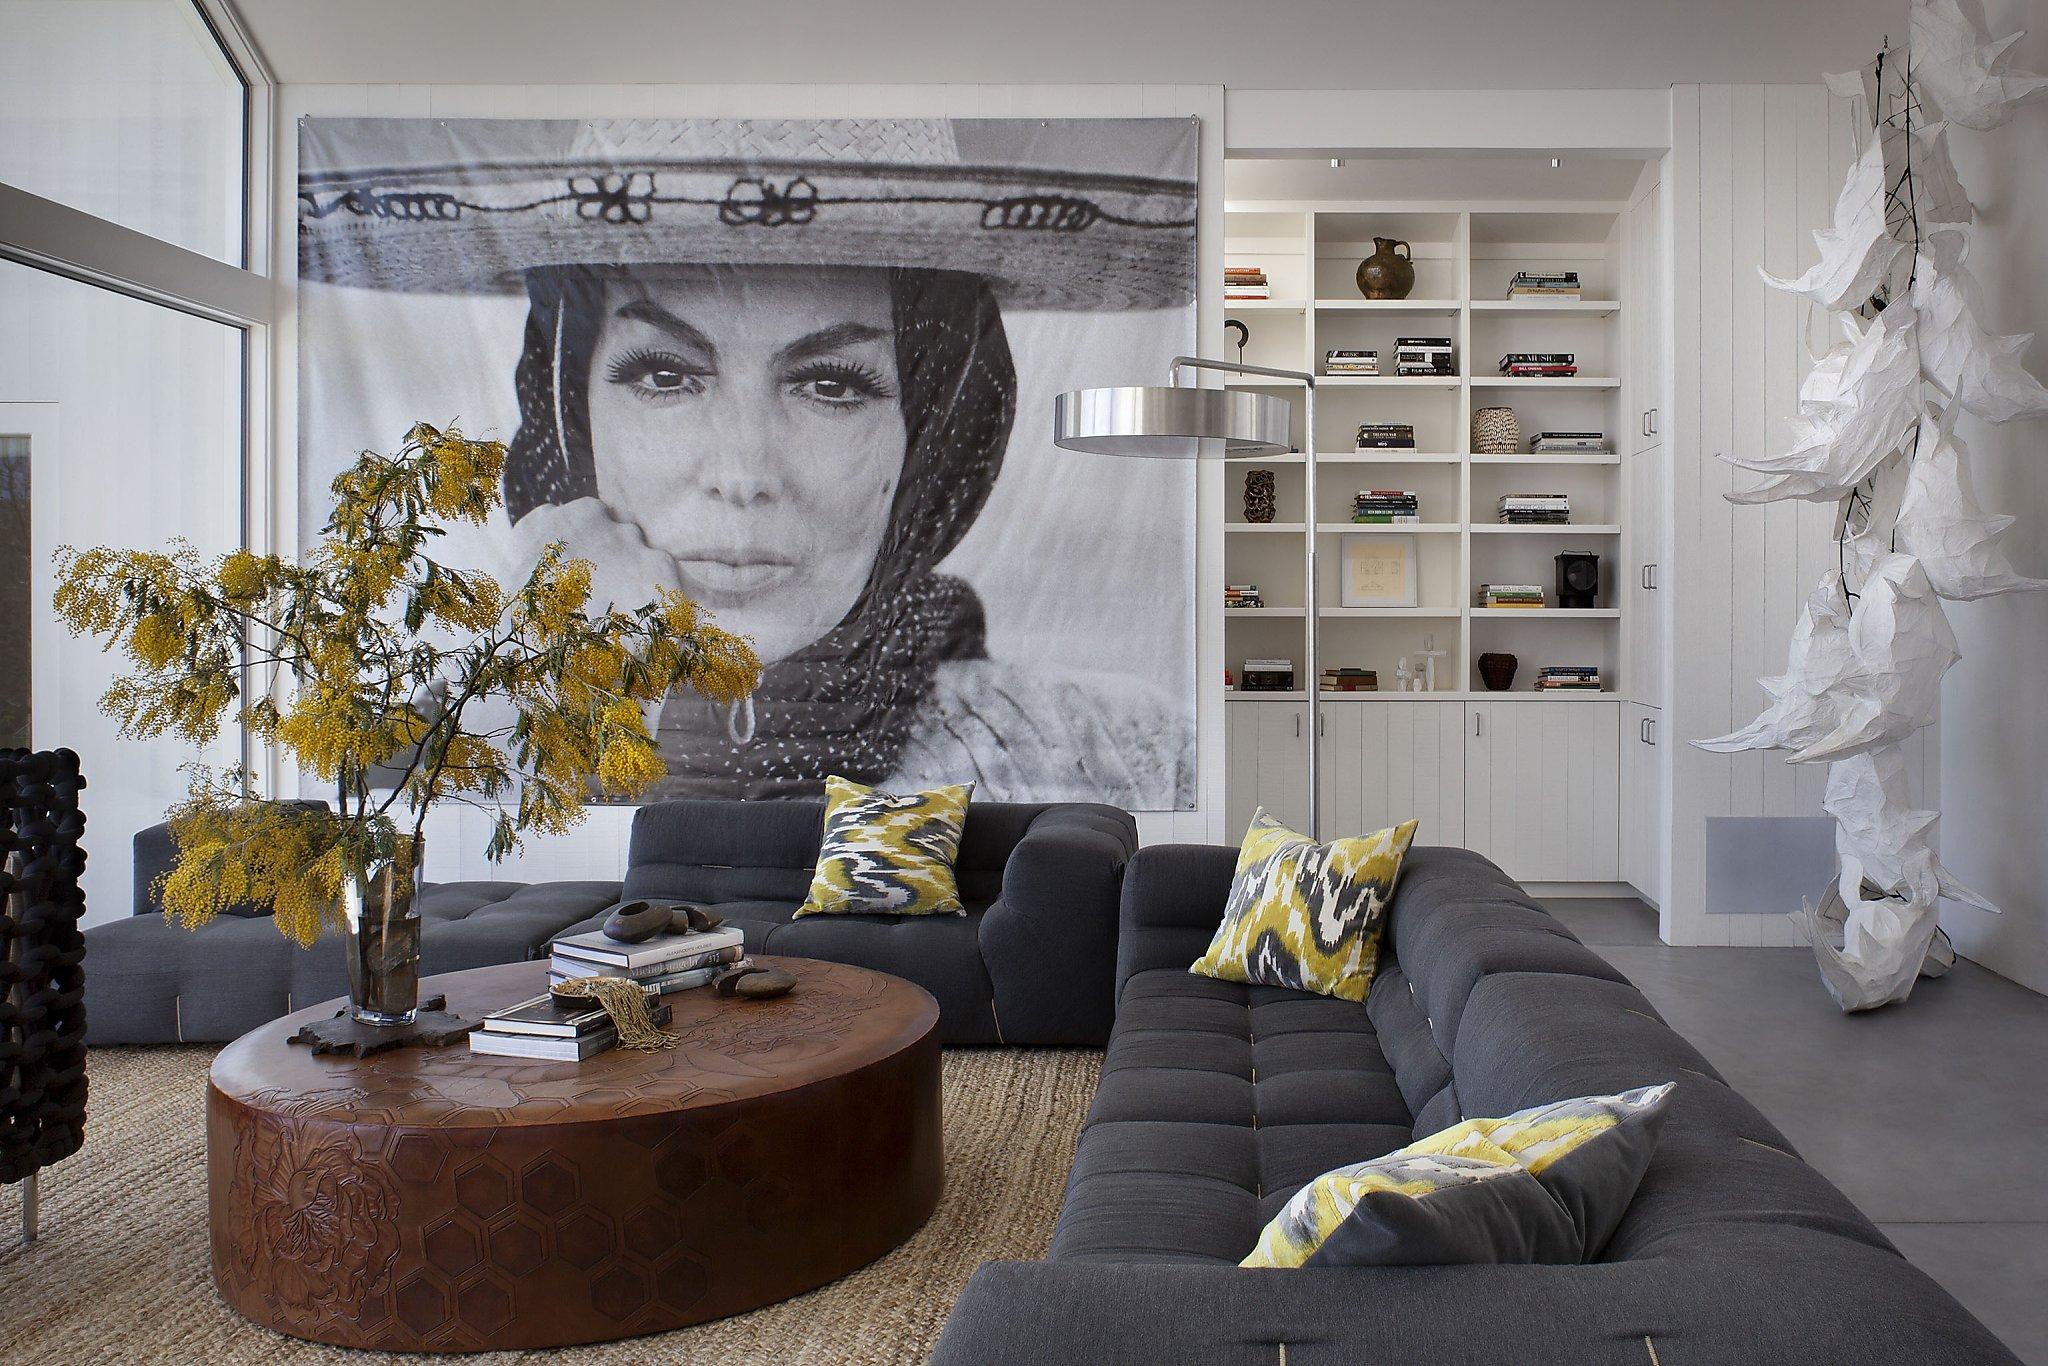 Barn inspires modern 20nd home in Petaluma for S.F. family